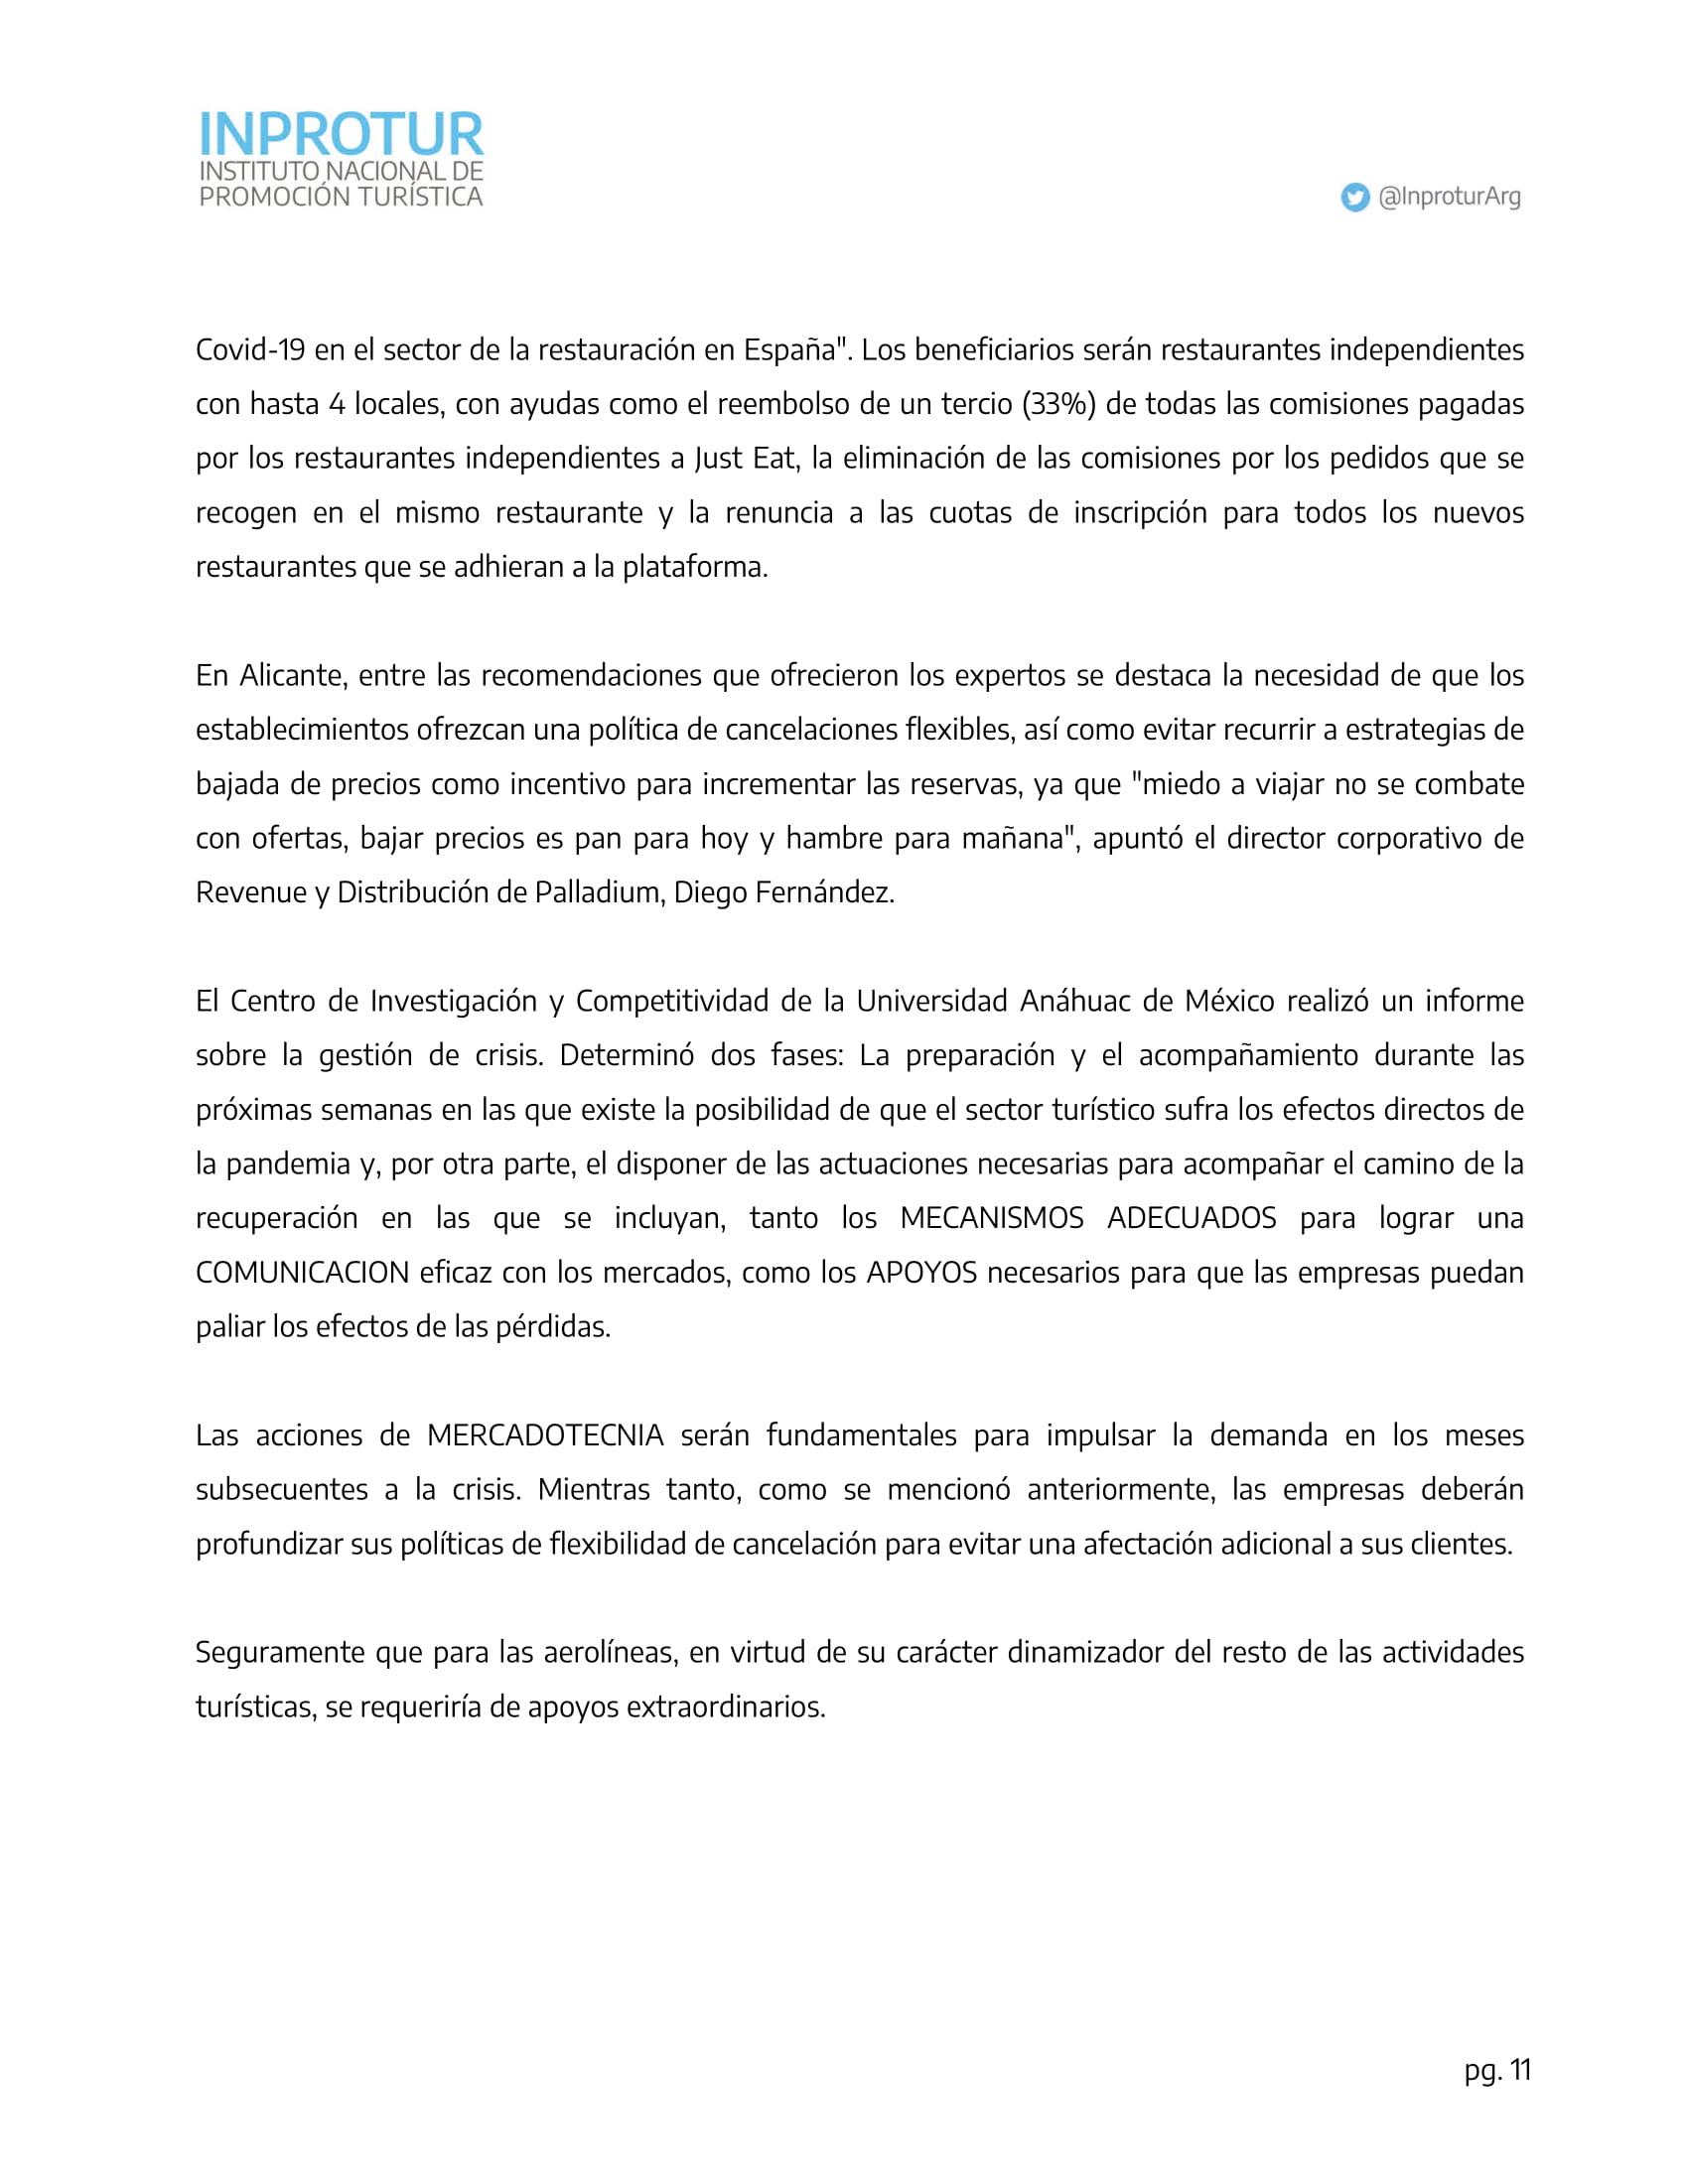 Informe-de-coyuntura-Turismo-y-Coronavirus-2020-11